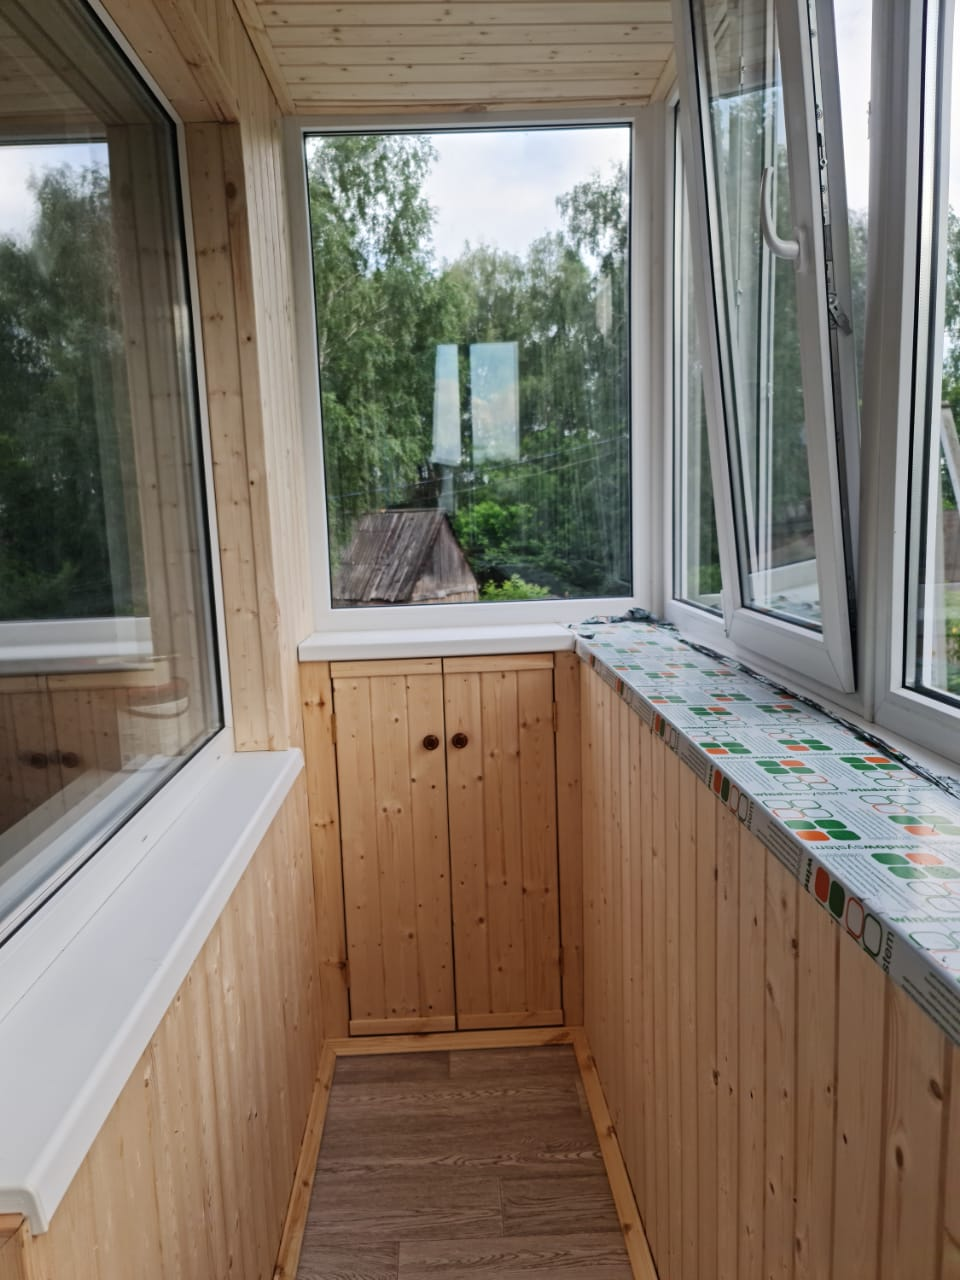 Внутренняя и внешняя обшивка балкона с. Айша, ул. Светлая 10 - фото